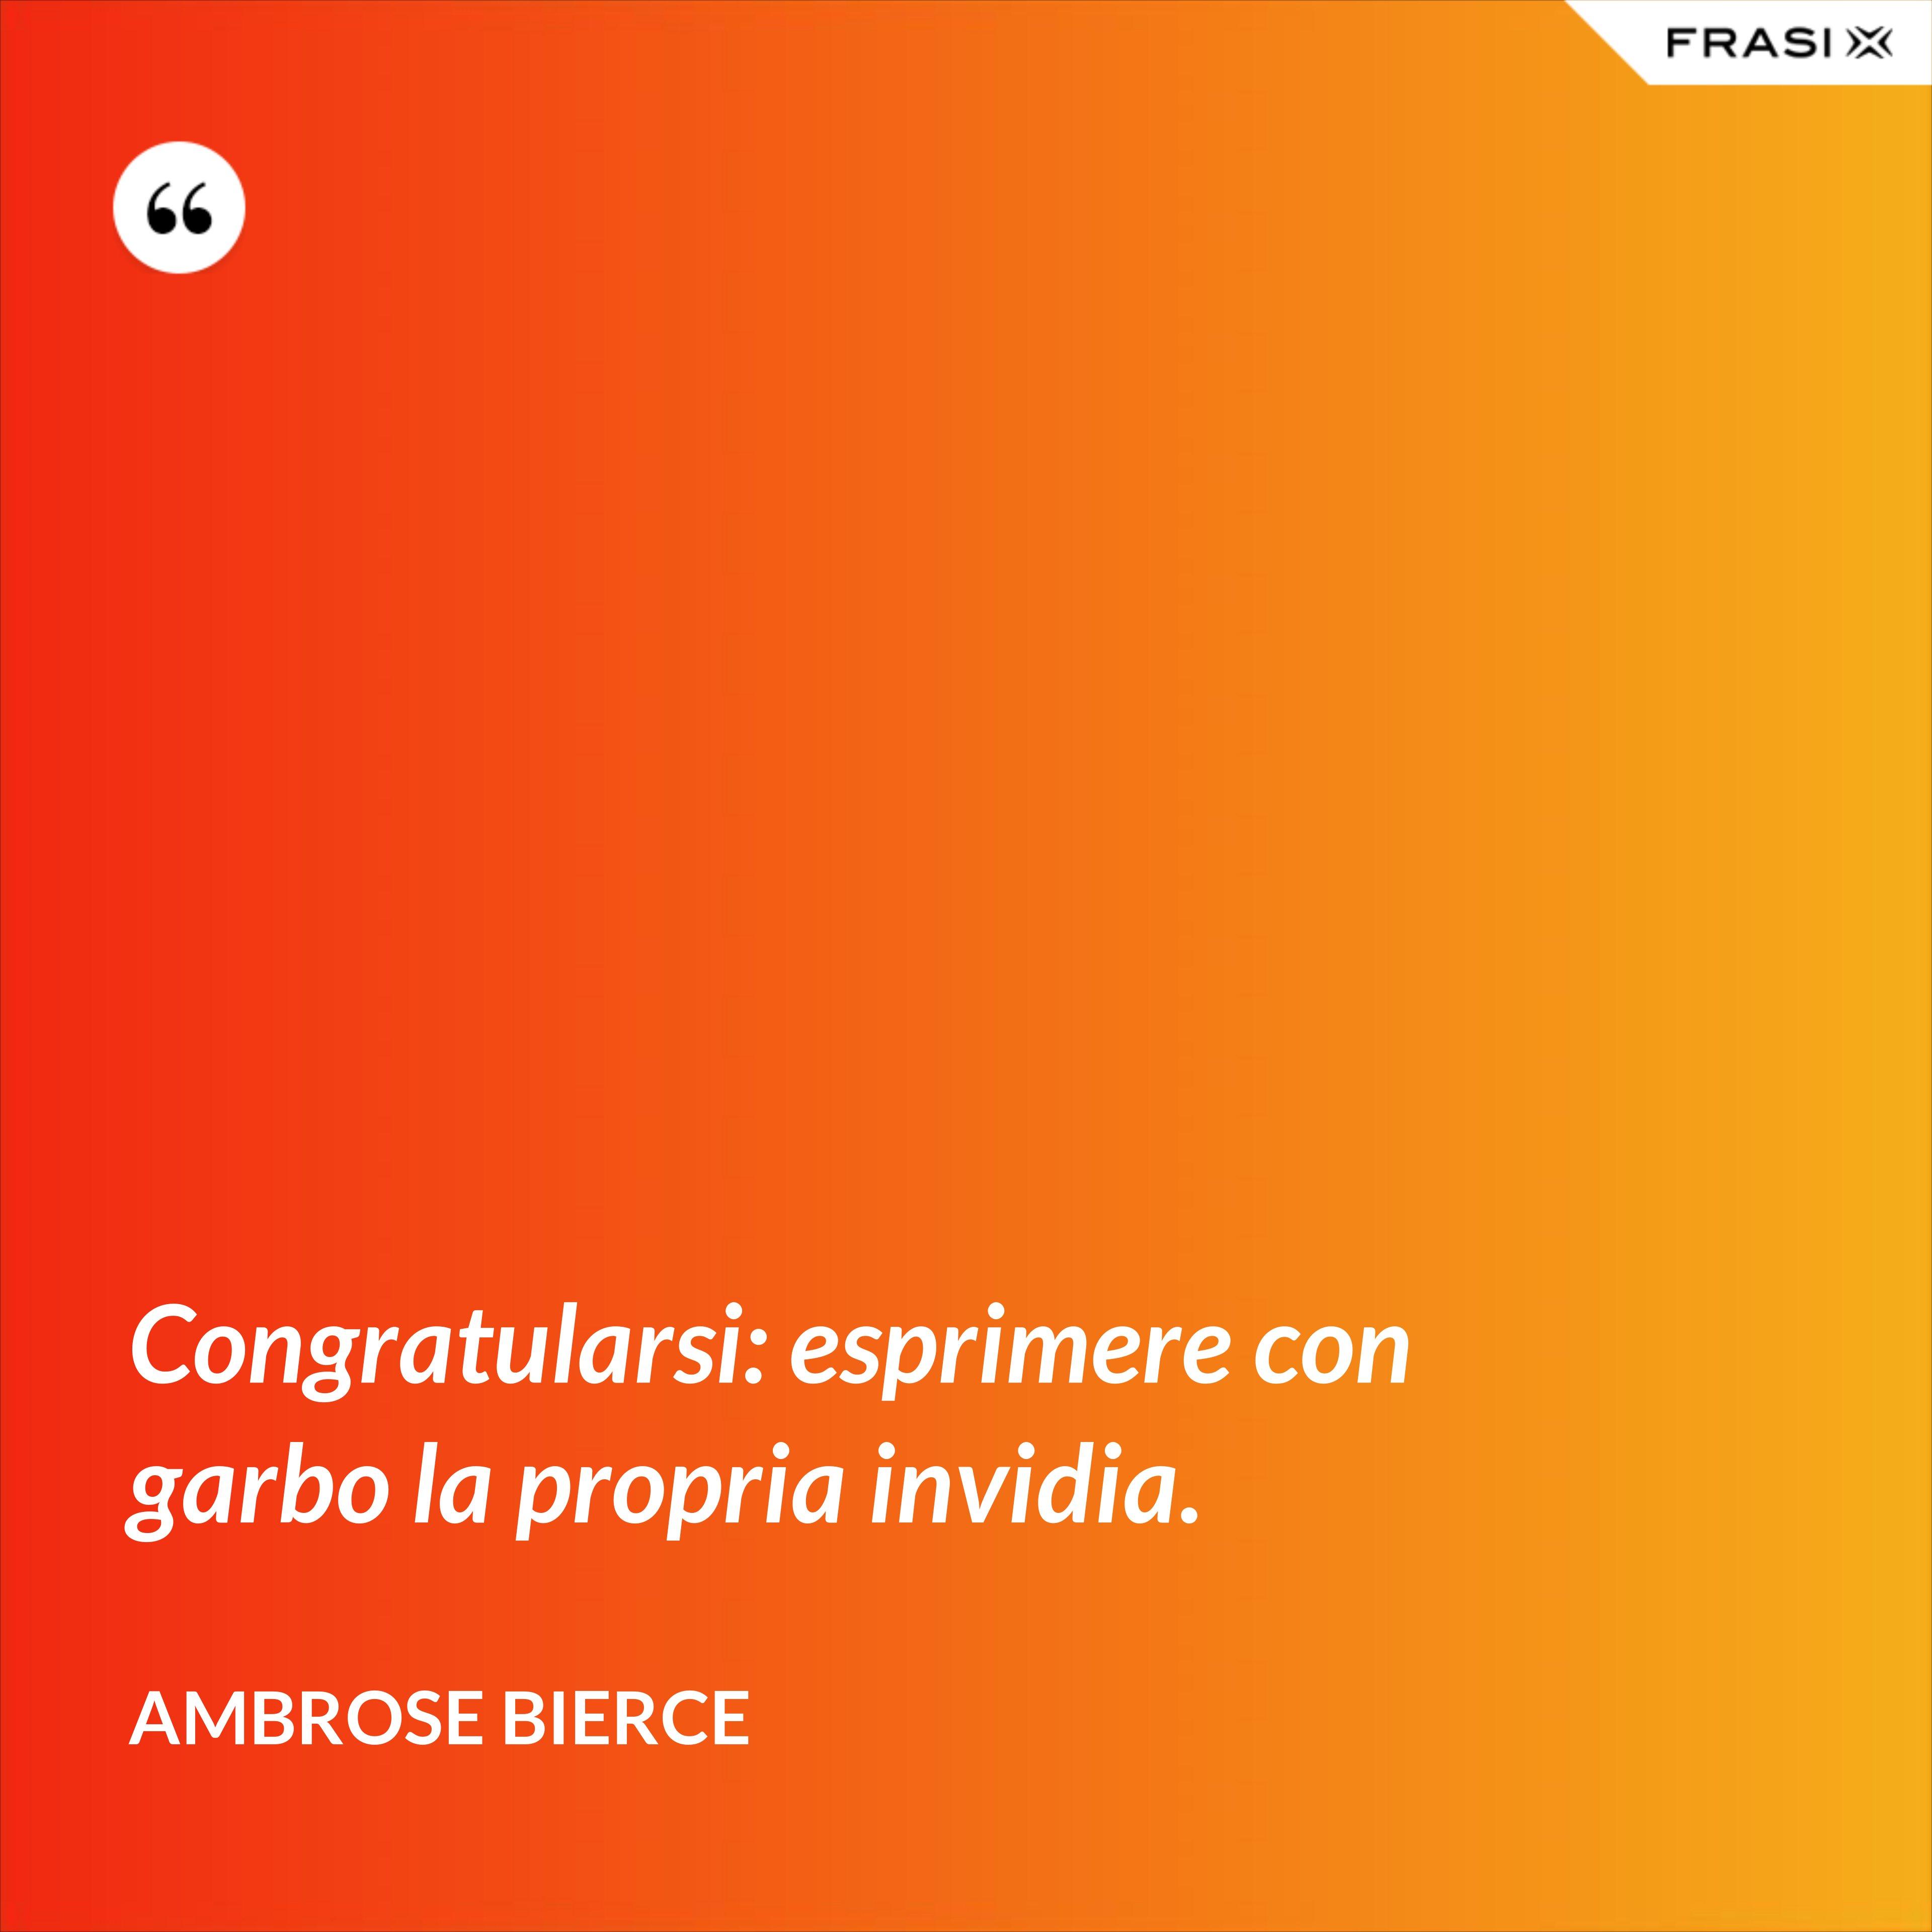 Congratularsi: esprimere con garbo la propria invidia. - Ambrose Bierce